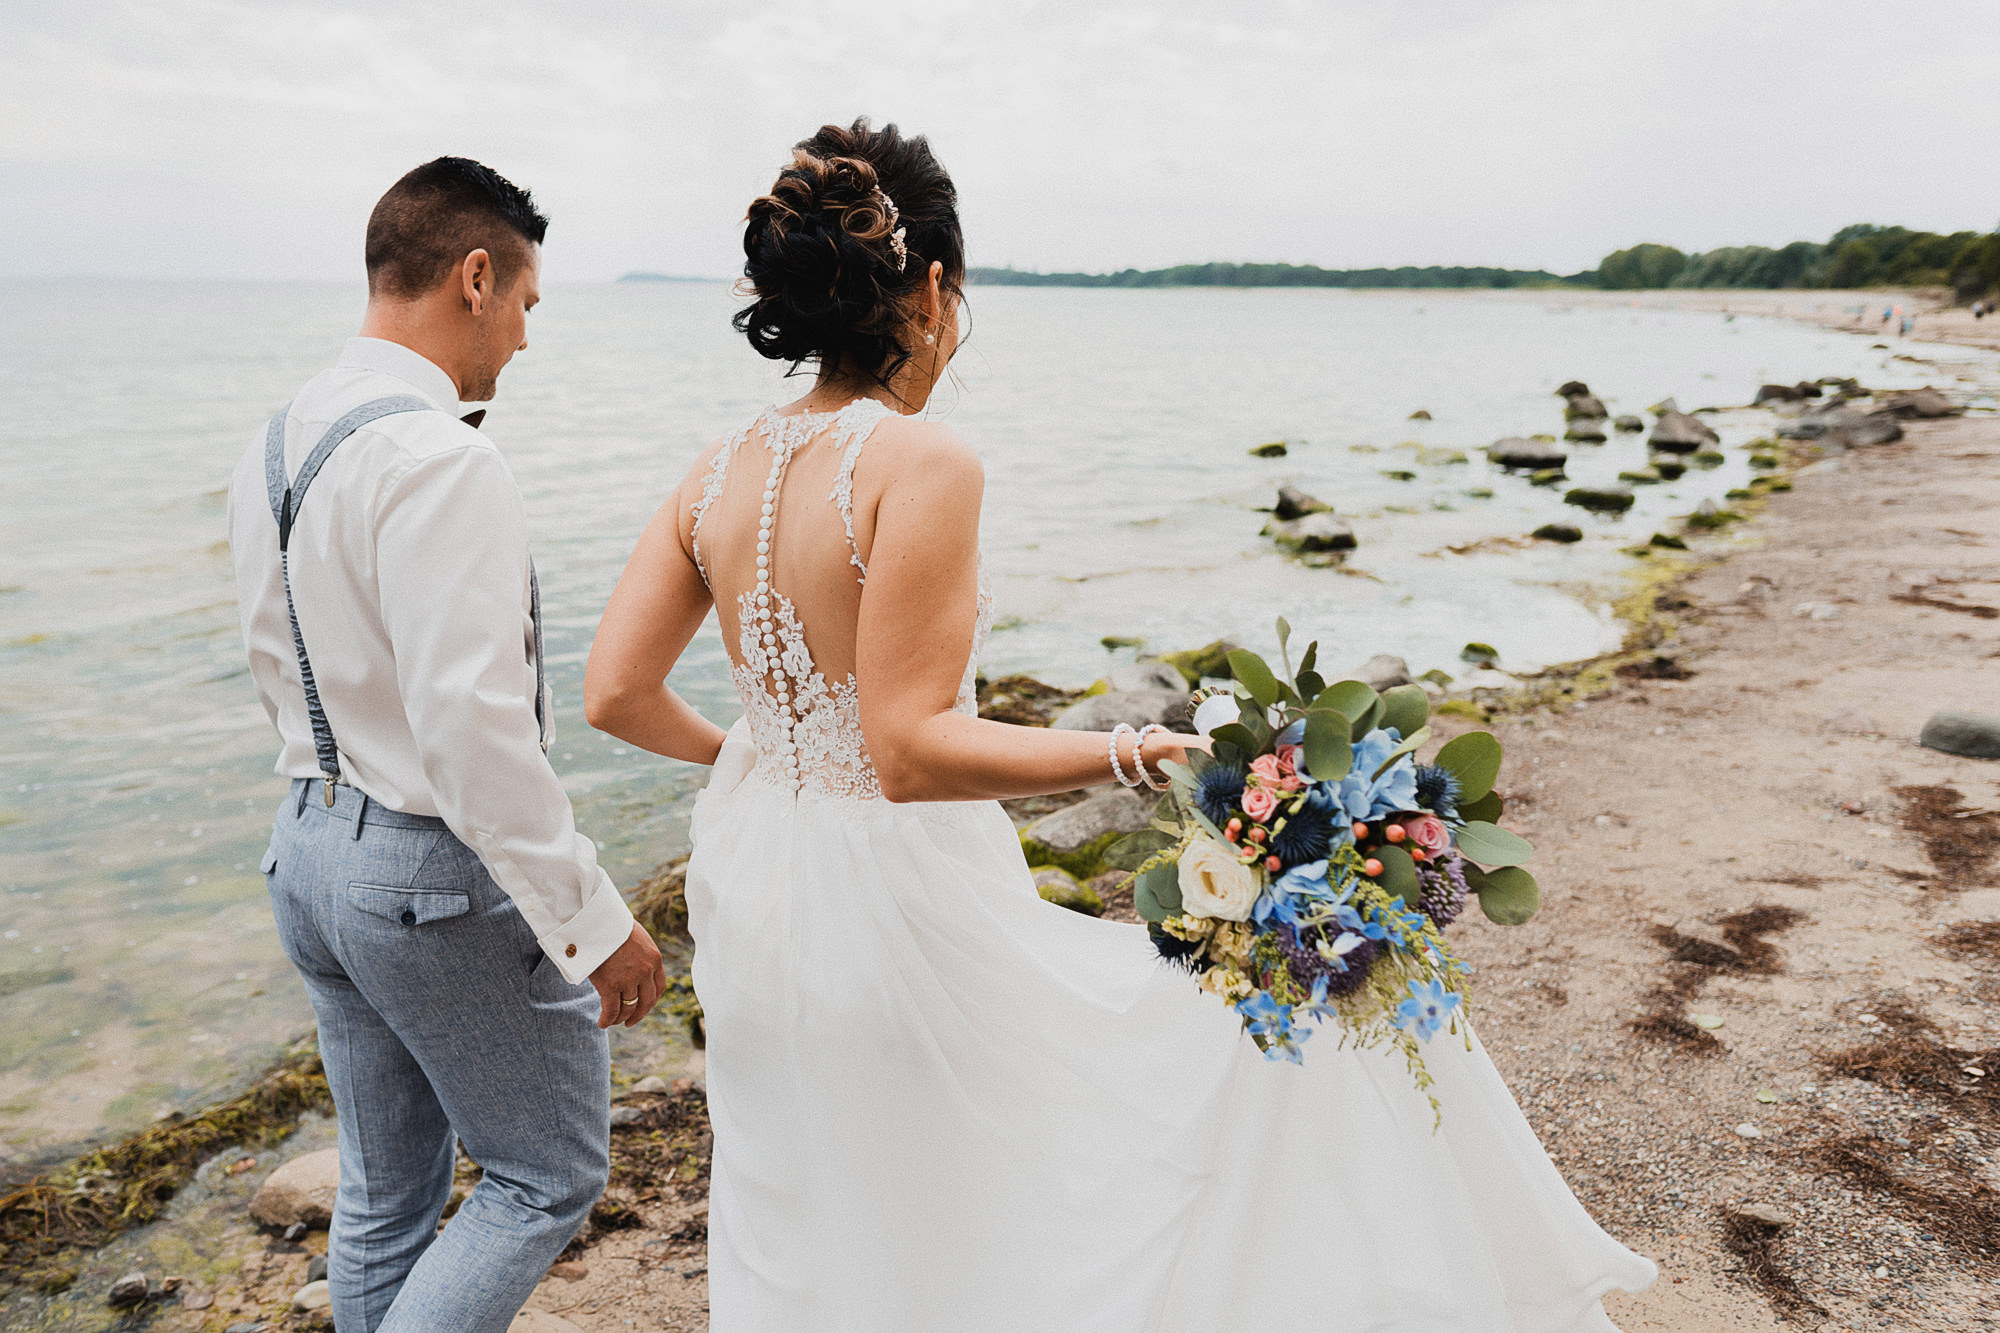 Braut - Göhren - Ostsee - Hochzeit - Hochzeitsshooting - After Wedding - Hochzeitsreportage - Bräutigam - Ostseeurlaub - Rügen